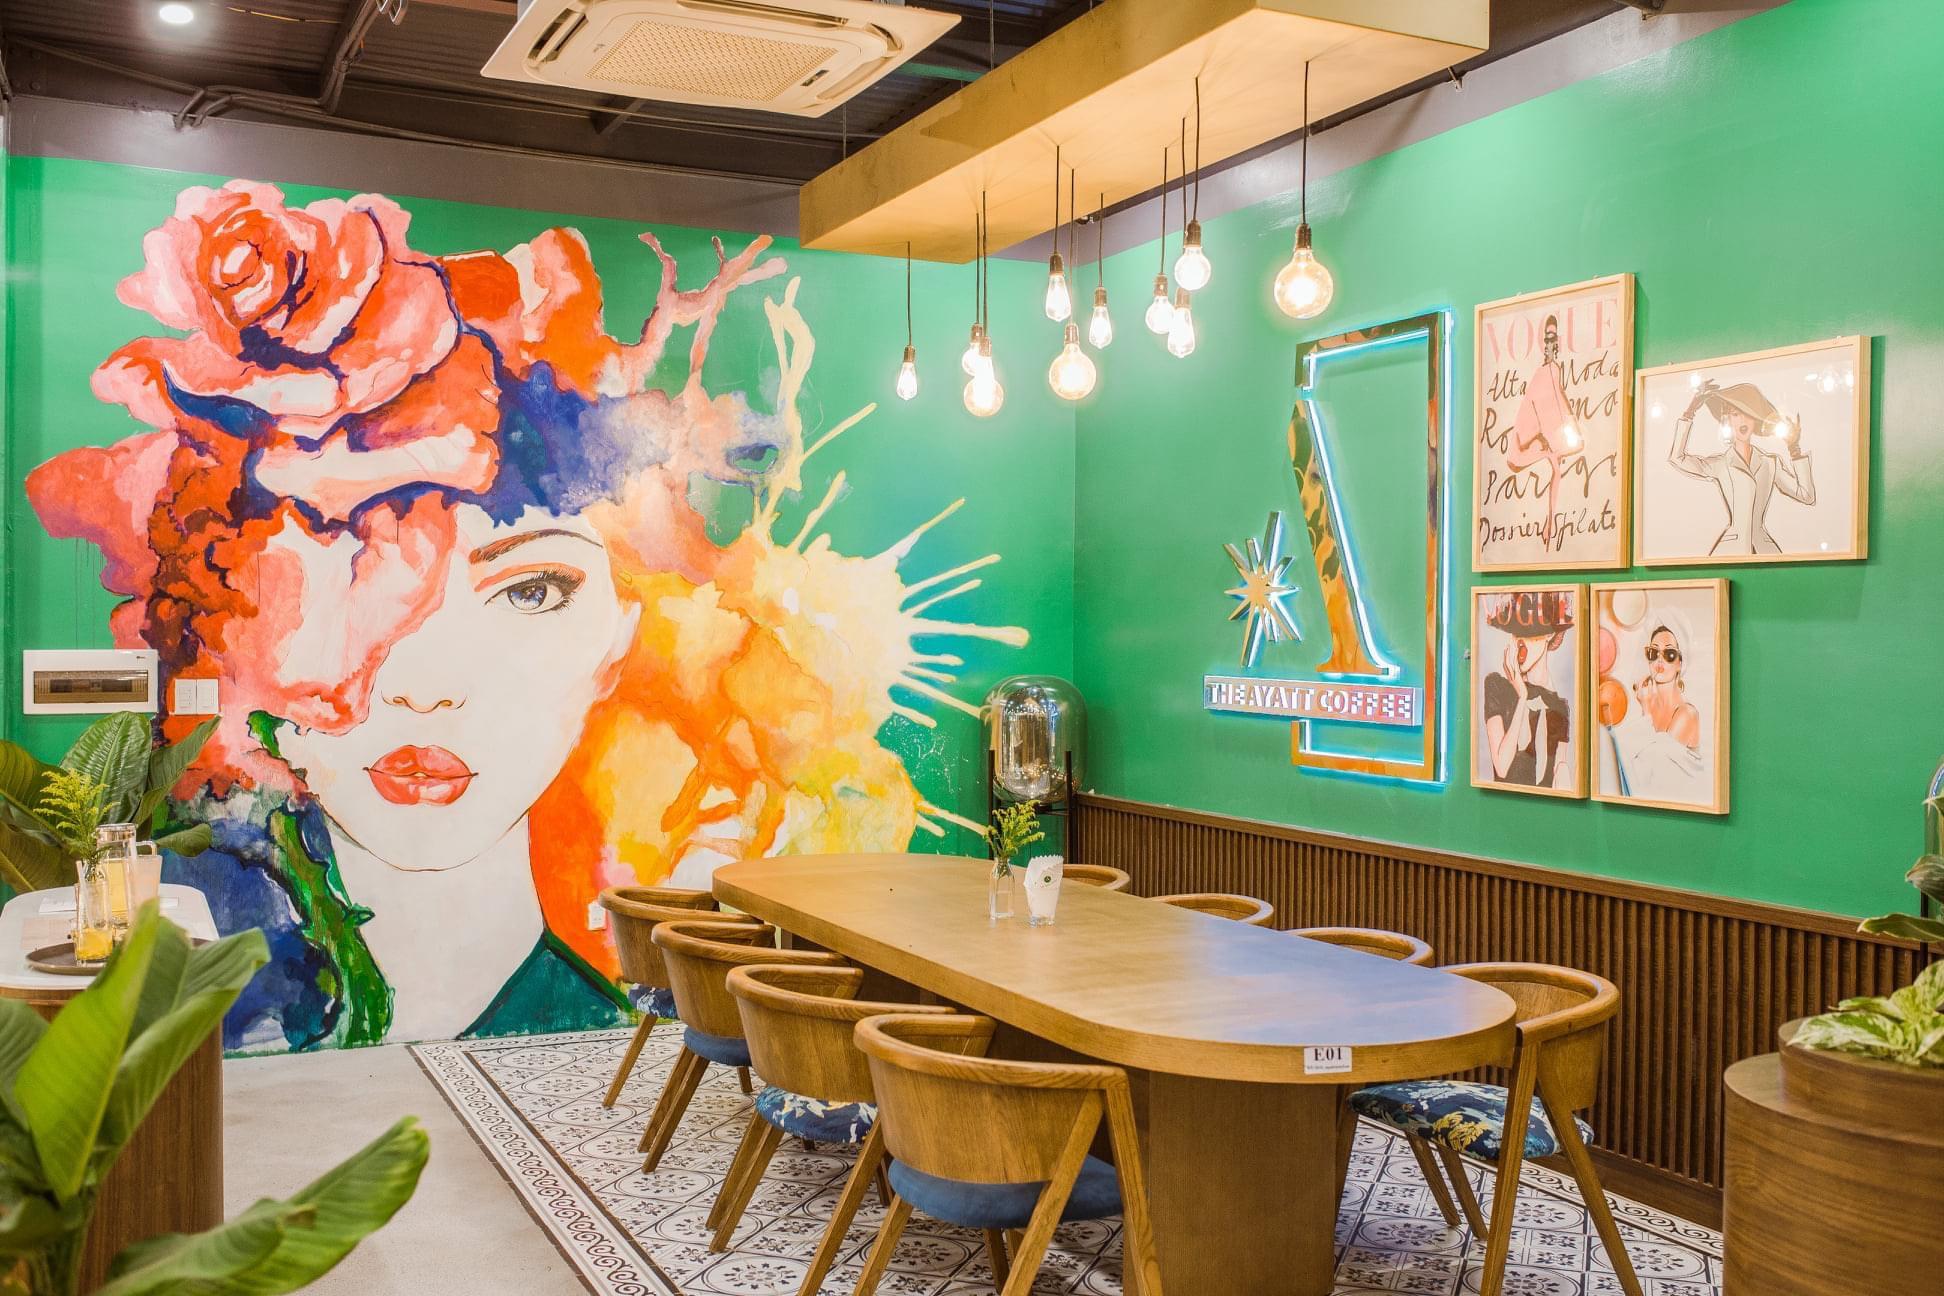 Quảng Bình: Trải nghiệm phong cách sang trọng, đẳng cấp tại The Ayatt Coffee